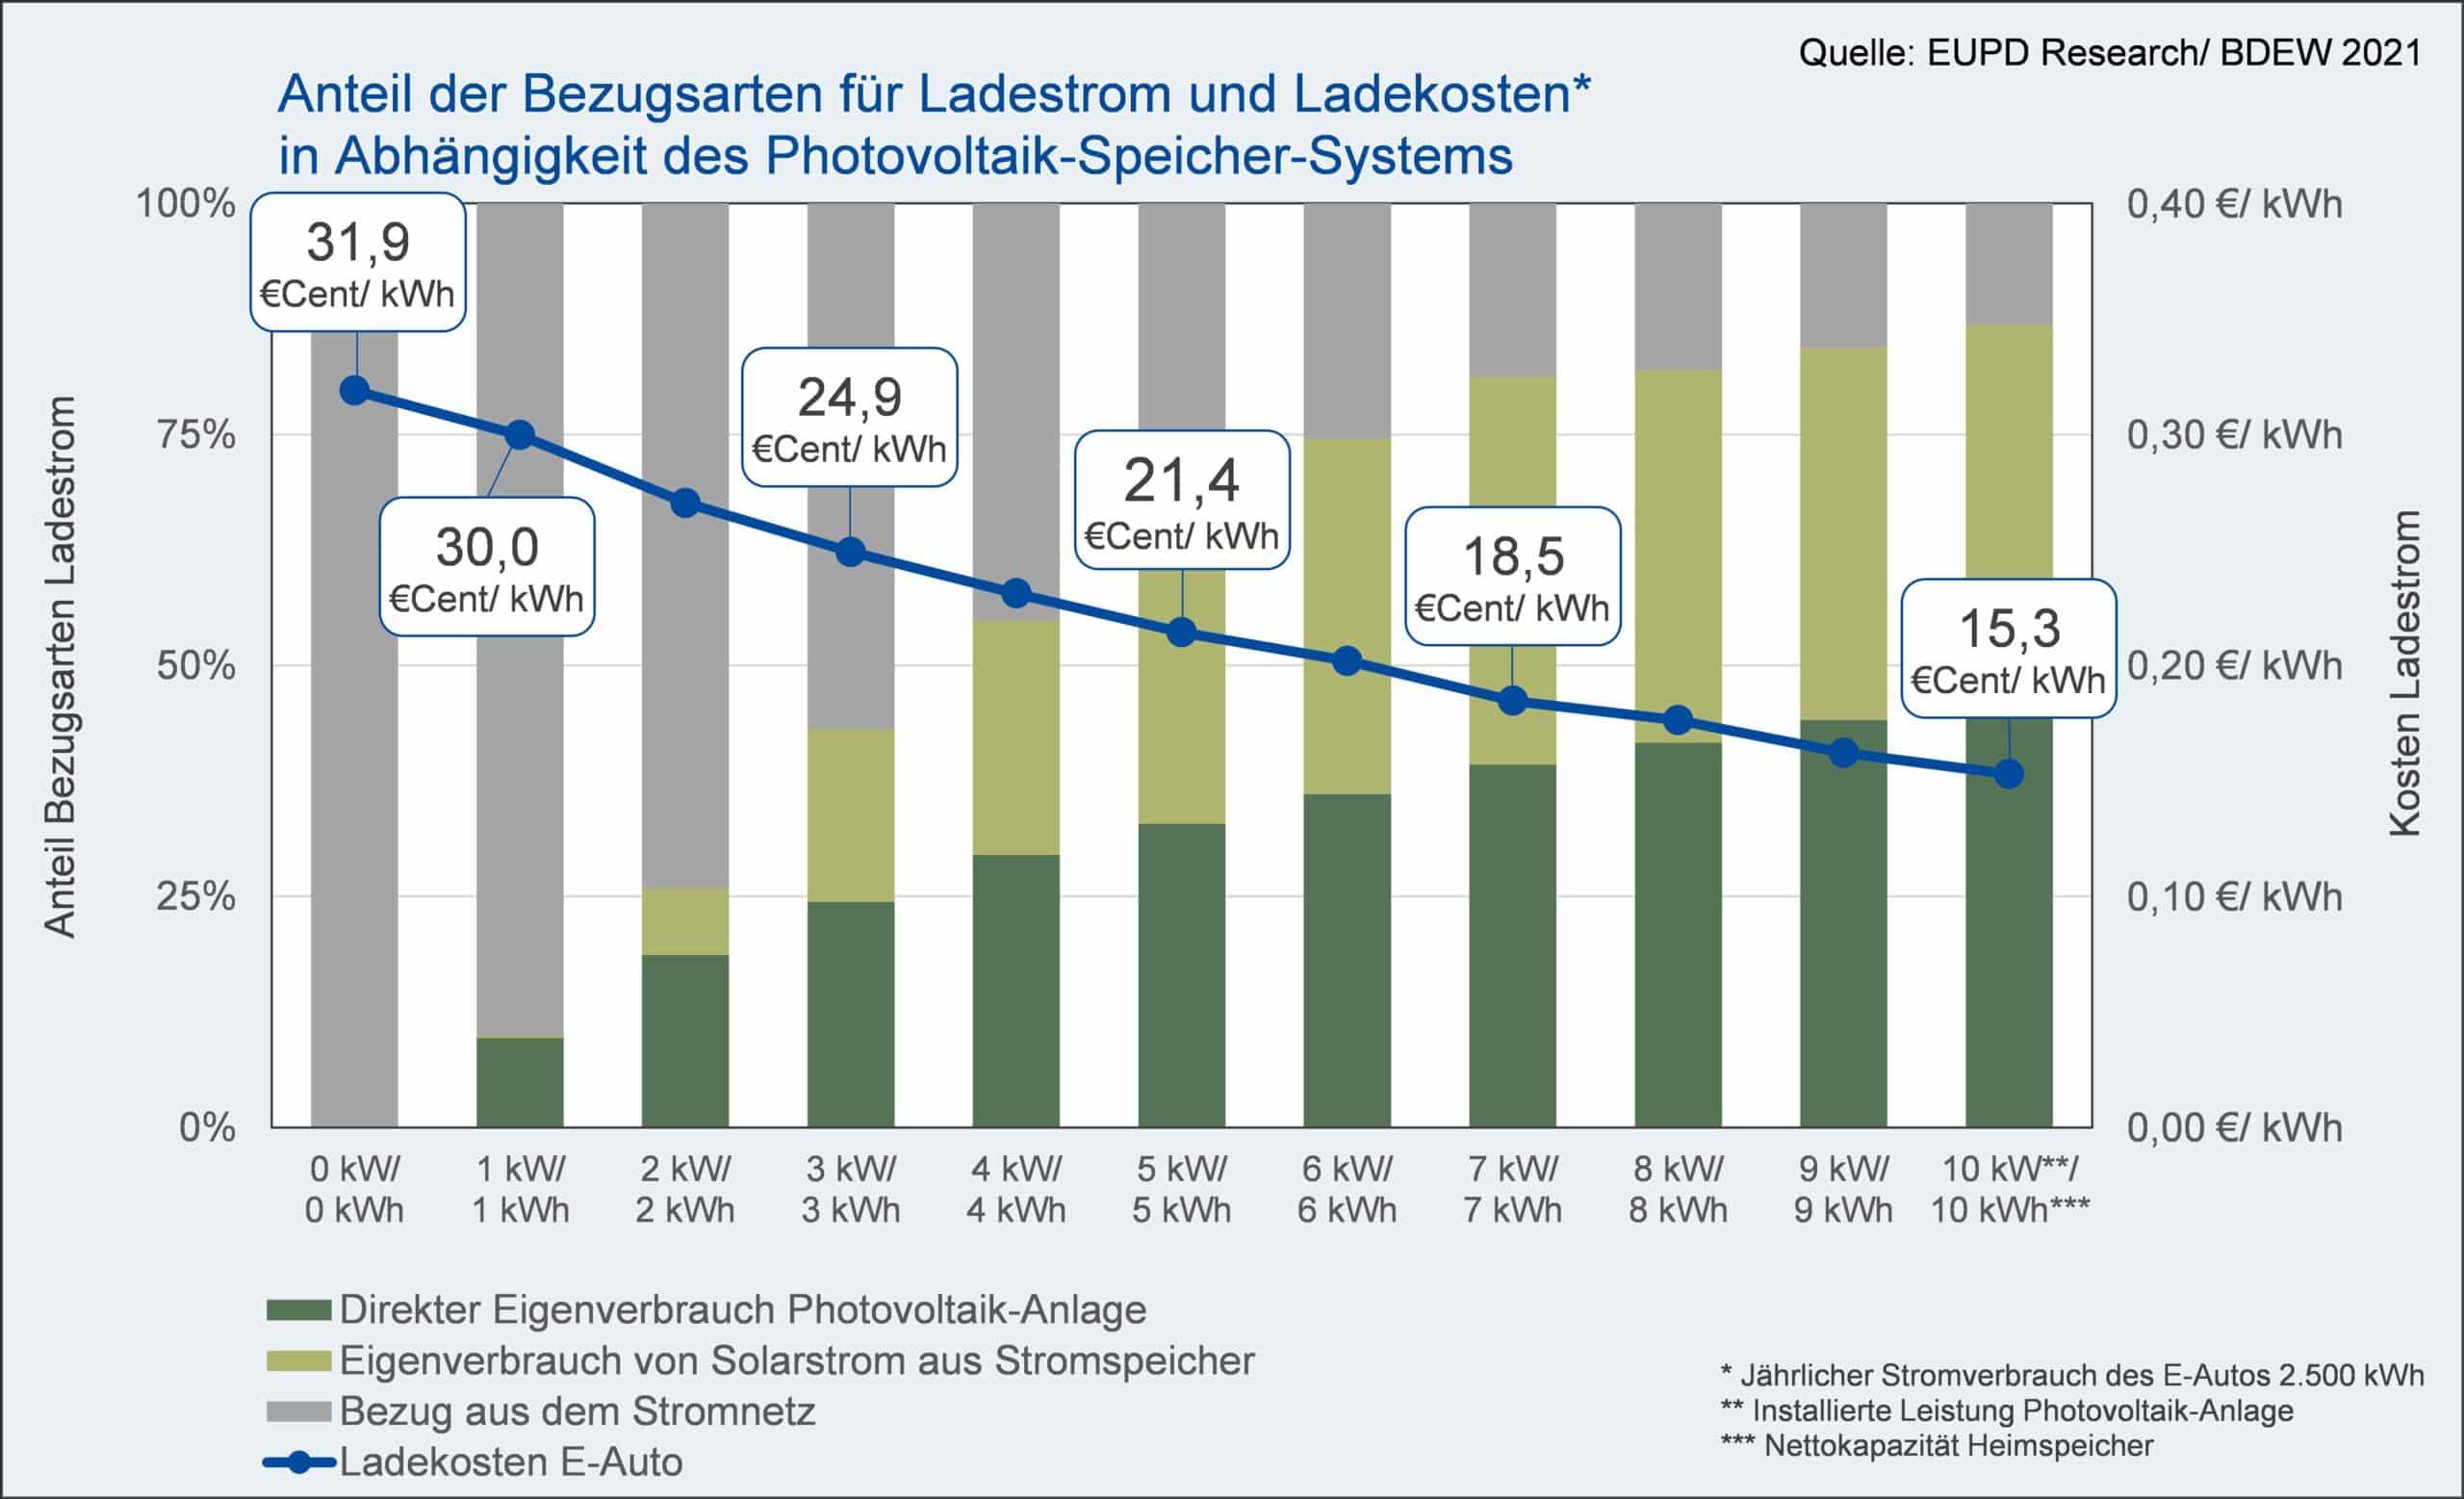 EUPD & E3DC: Anteil der Bezugsarten für Ladestrom und Ladekosten